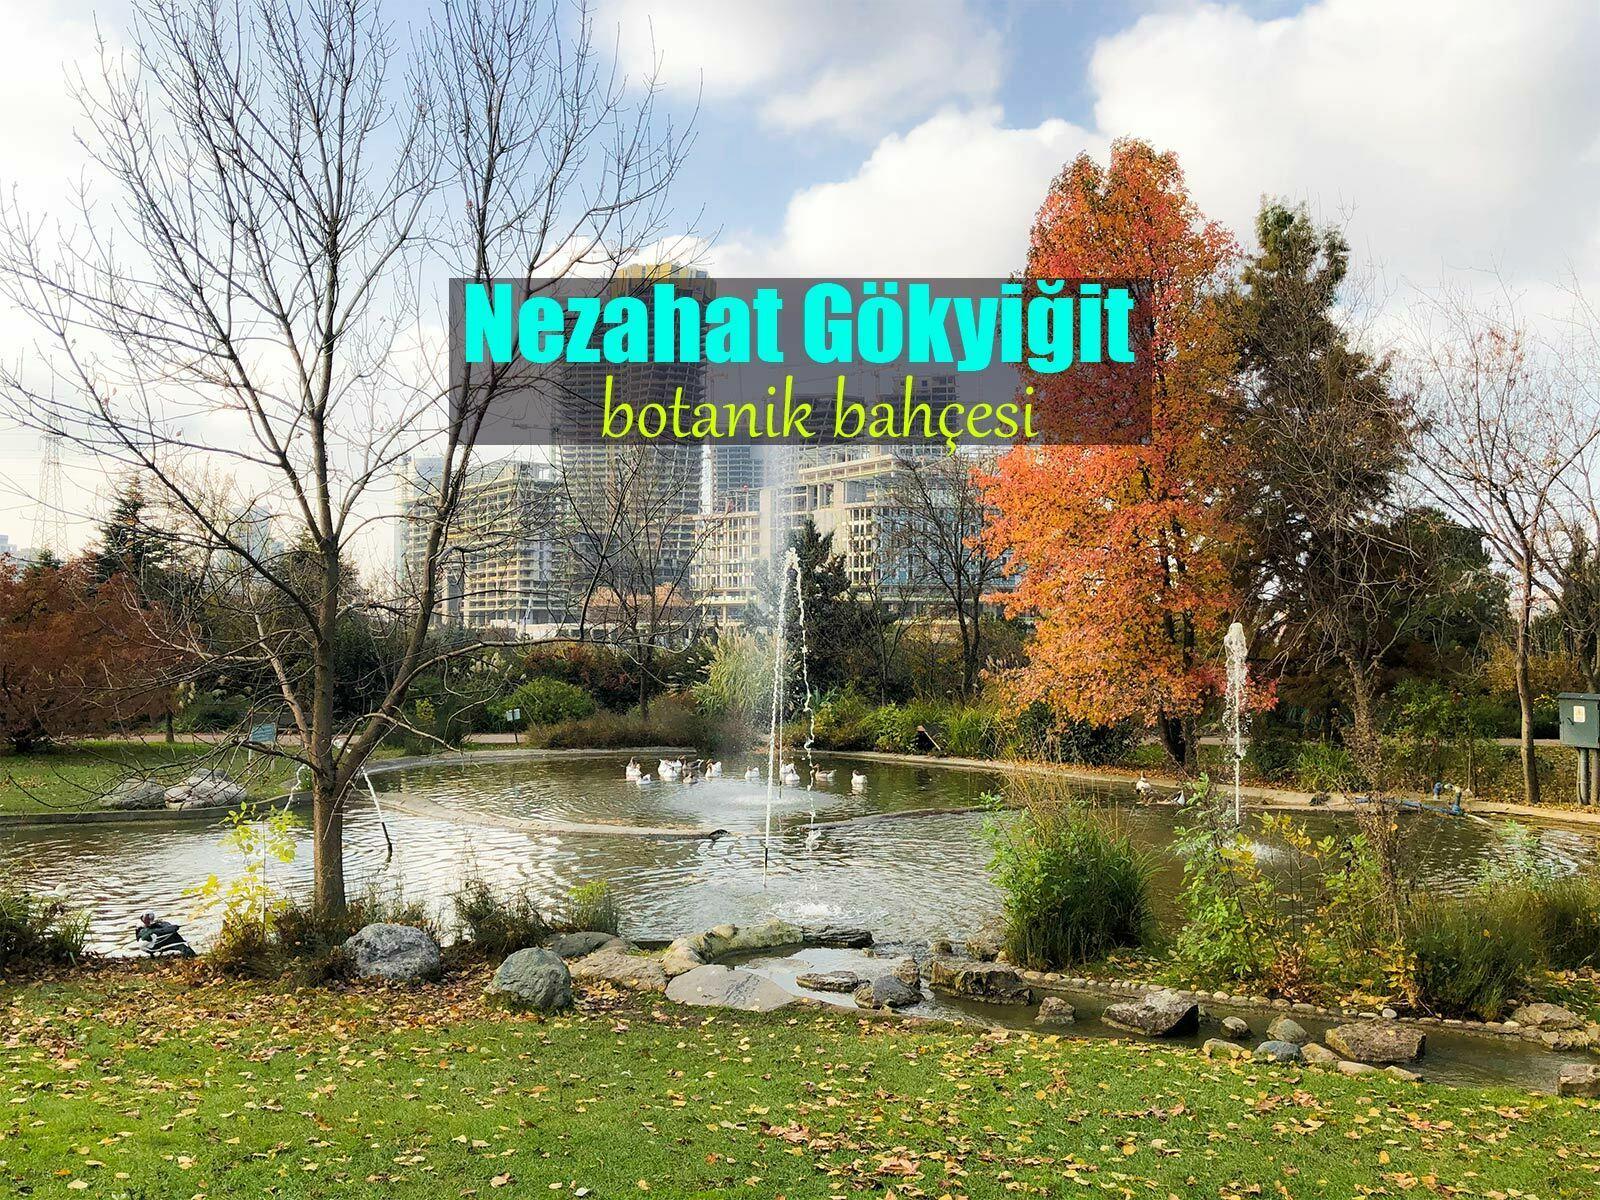 Nezahat Gökyiğit Botanik Park